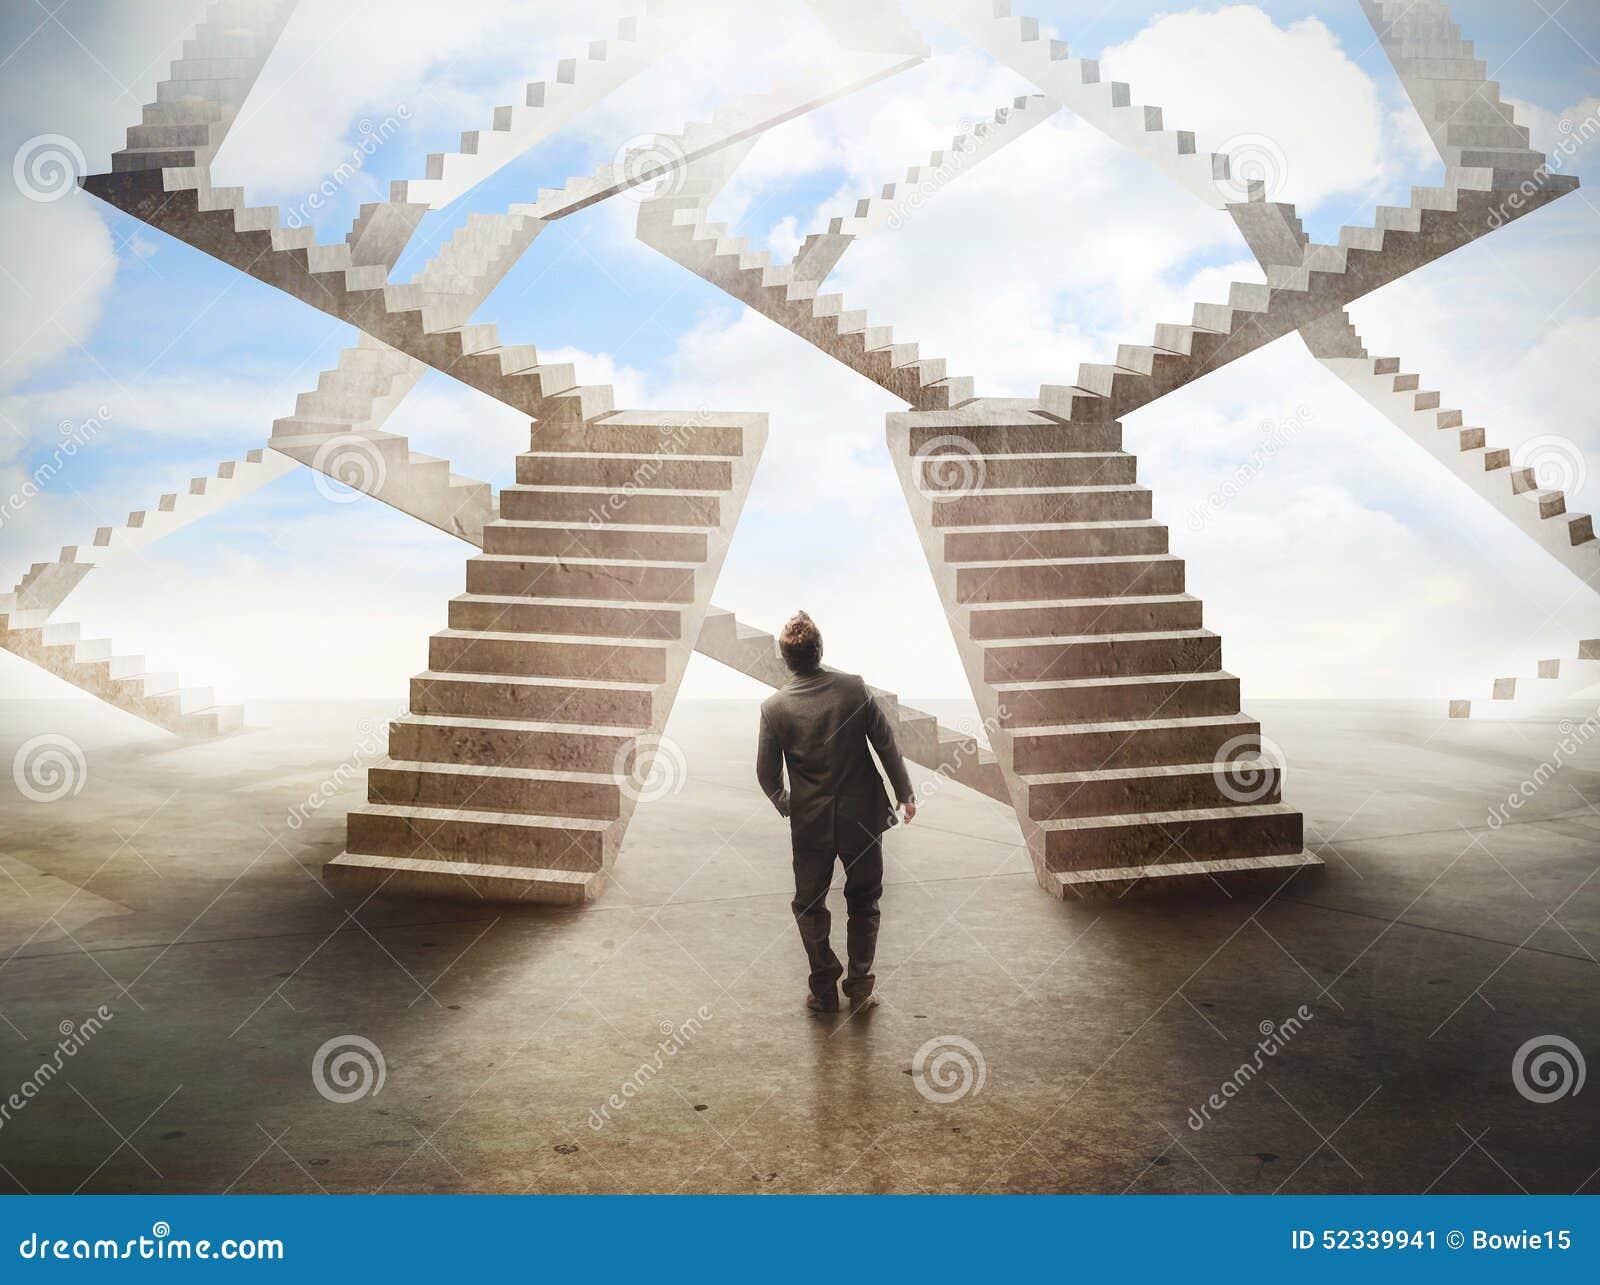 Labyrinthe d escaliers